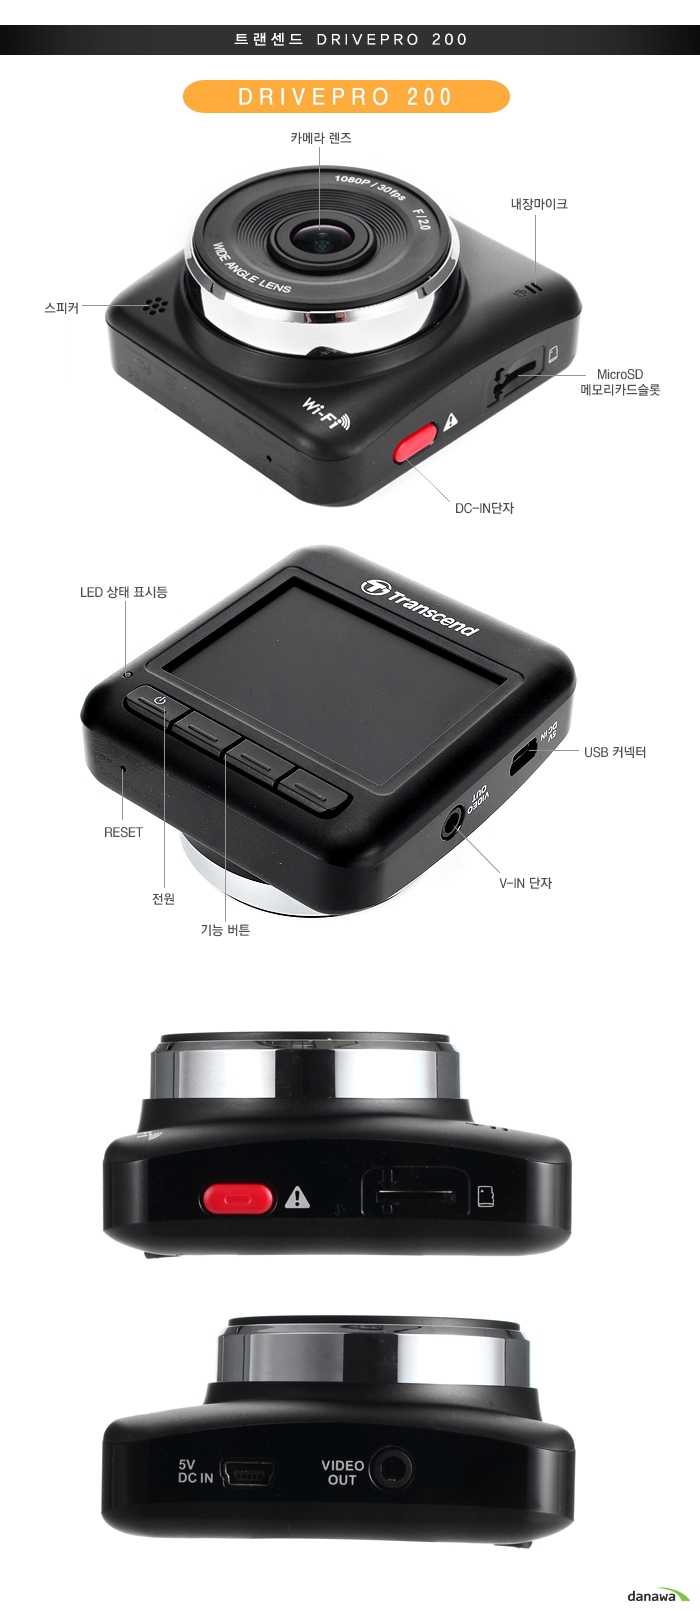 트랜센드 DRIVERPRO 200DRIVERPRO 200카메라 렌즈, 내장마이크, 스피커DC-IN단자, MicroSD메모리카드 슬롯LED 상태 표시등RESET,전원, 기능 버튼, V-IN단자, USB커넥터